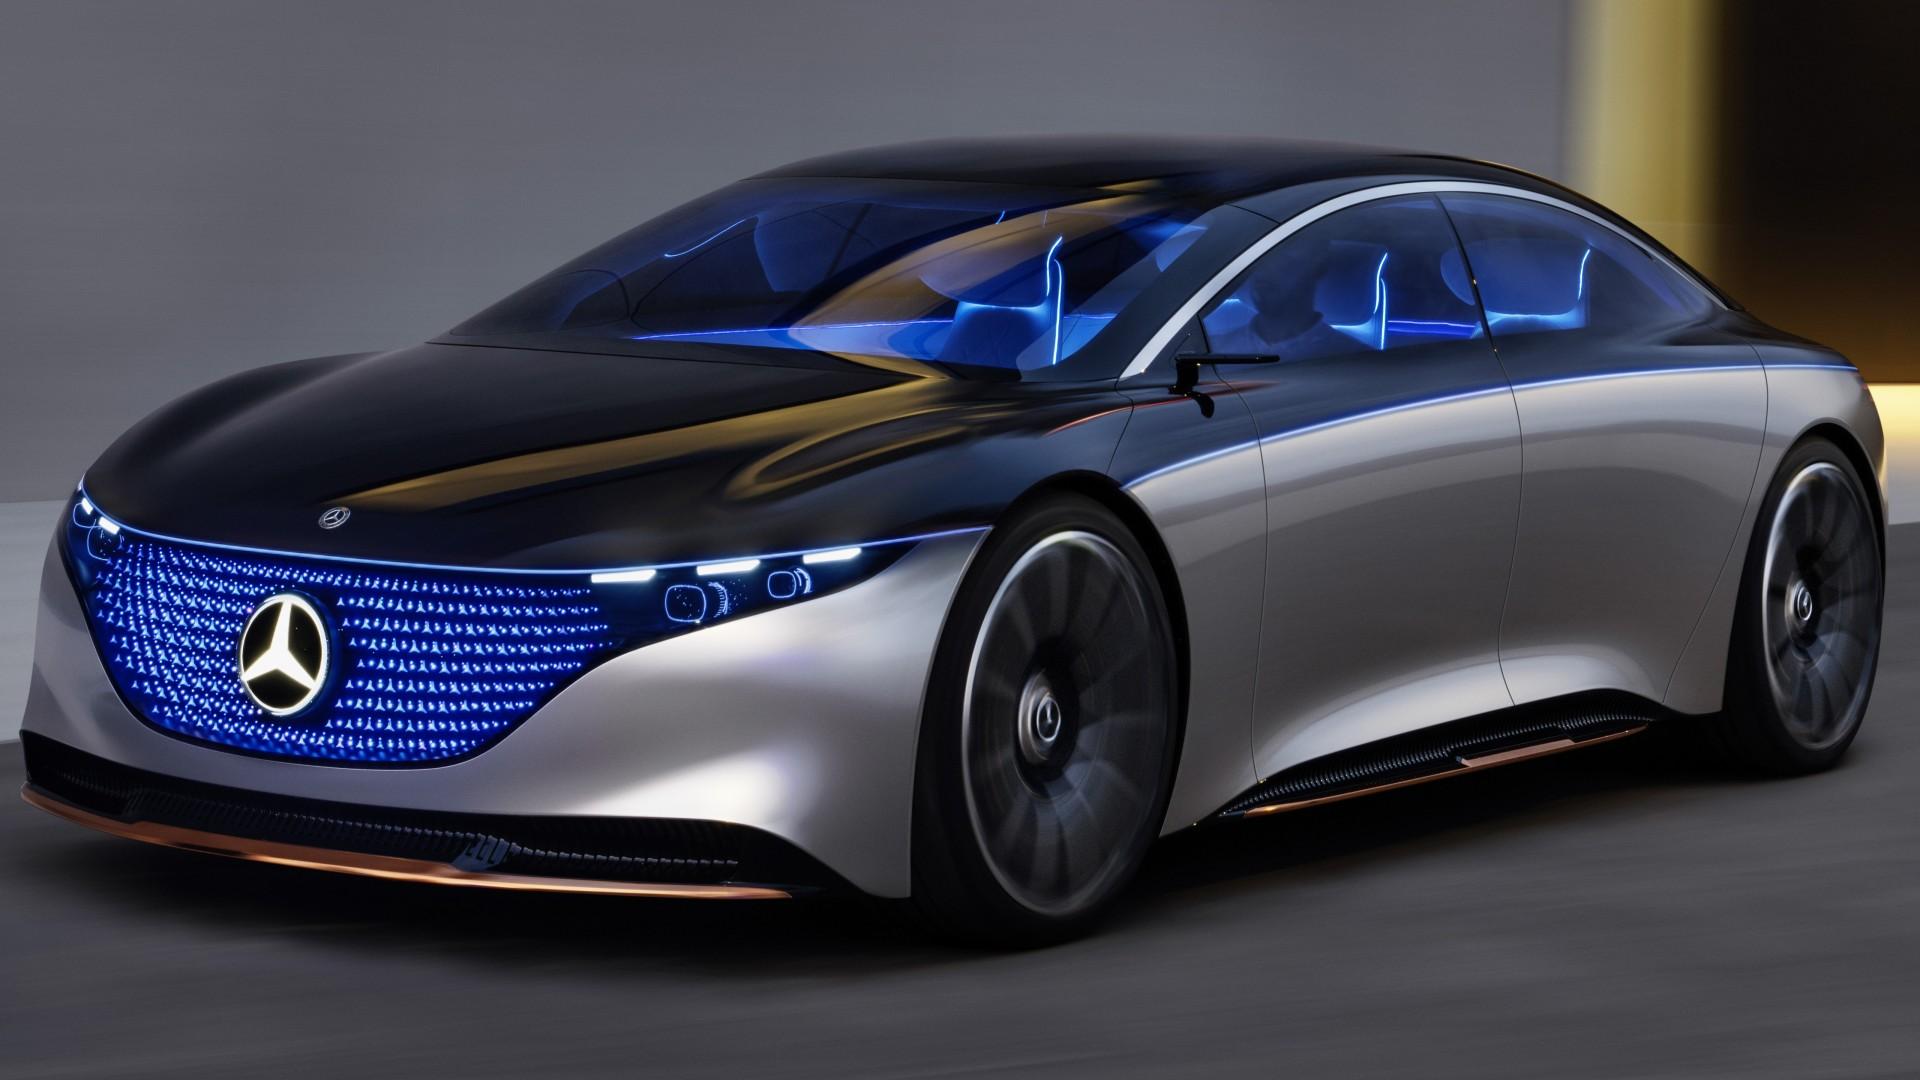 Mercedes-Benz Vision EQS 2019 4K Wallpaper | HD Car ...